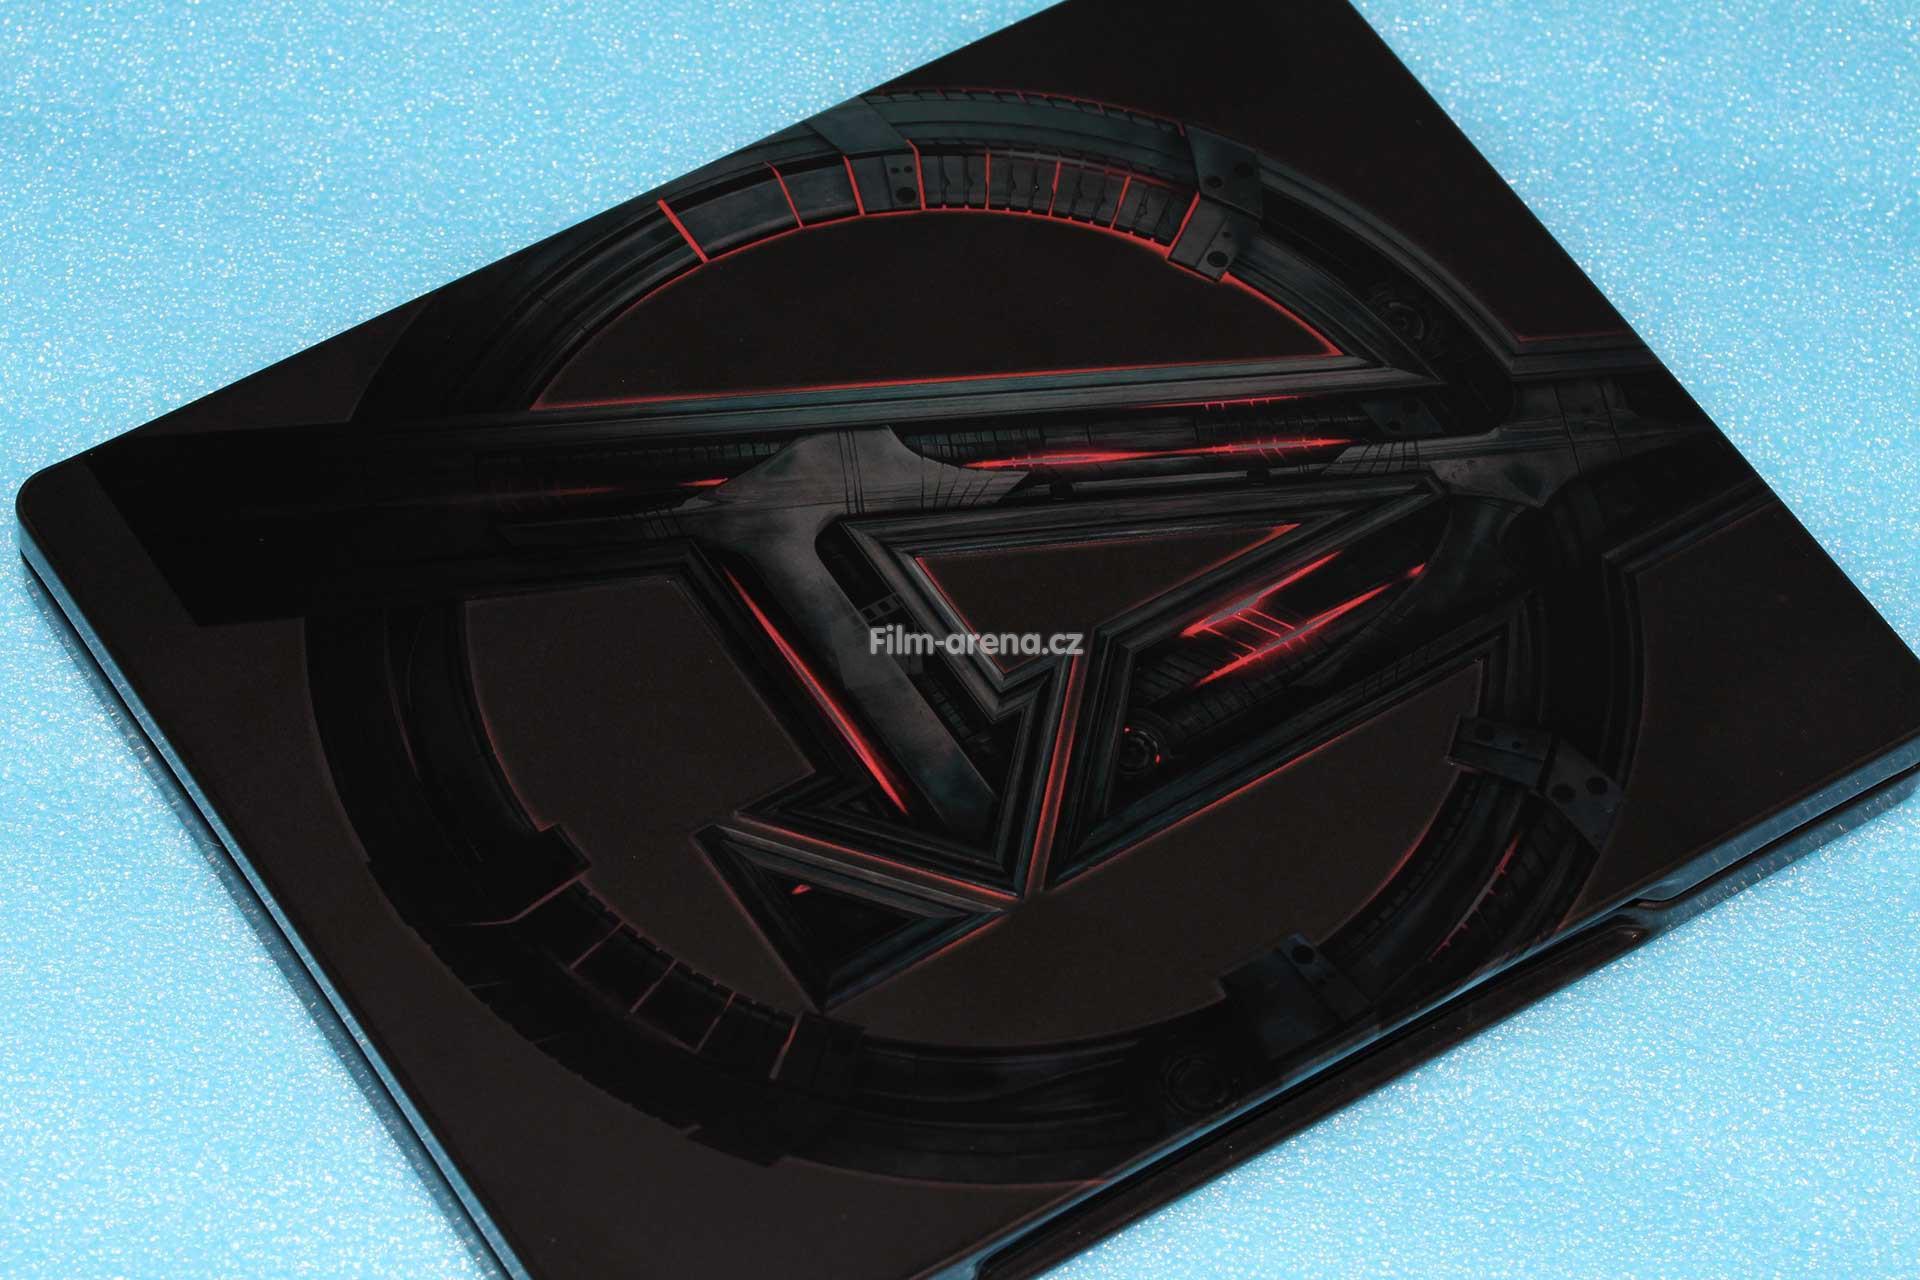 http://www.filmarena.cz/upload/images/nazivo/Avengers_2/avengers_11.jpg